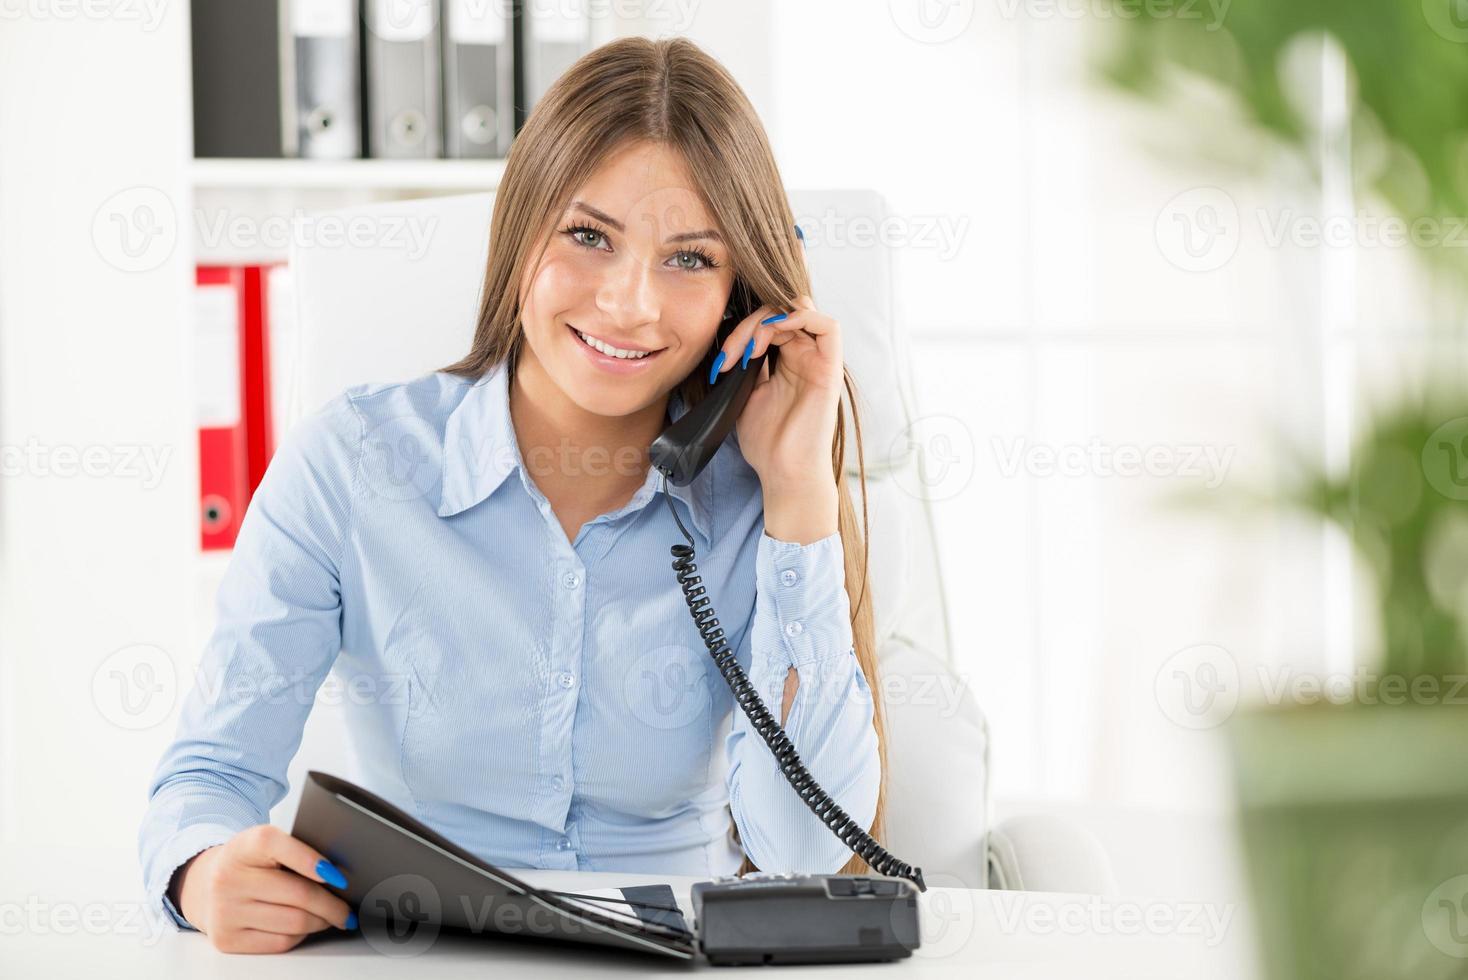 femme d'affaires téléphonant photo